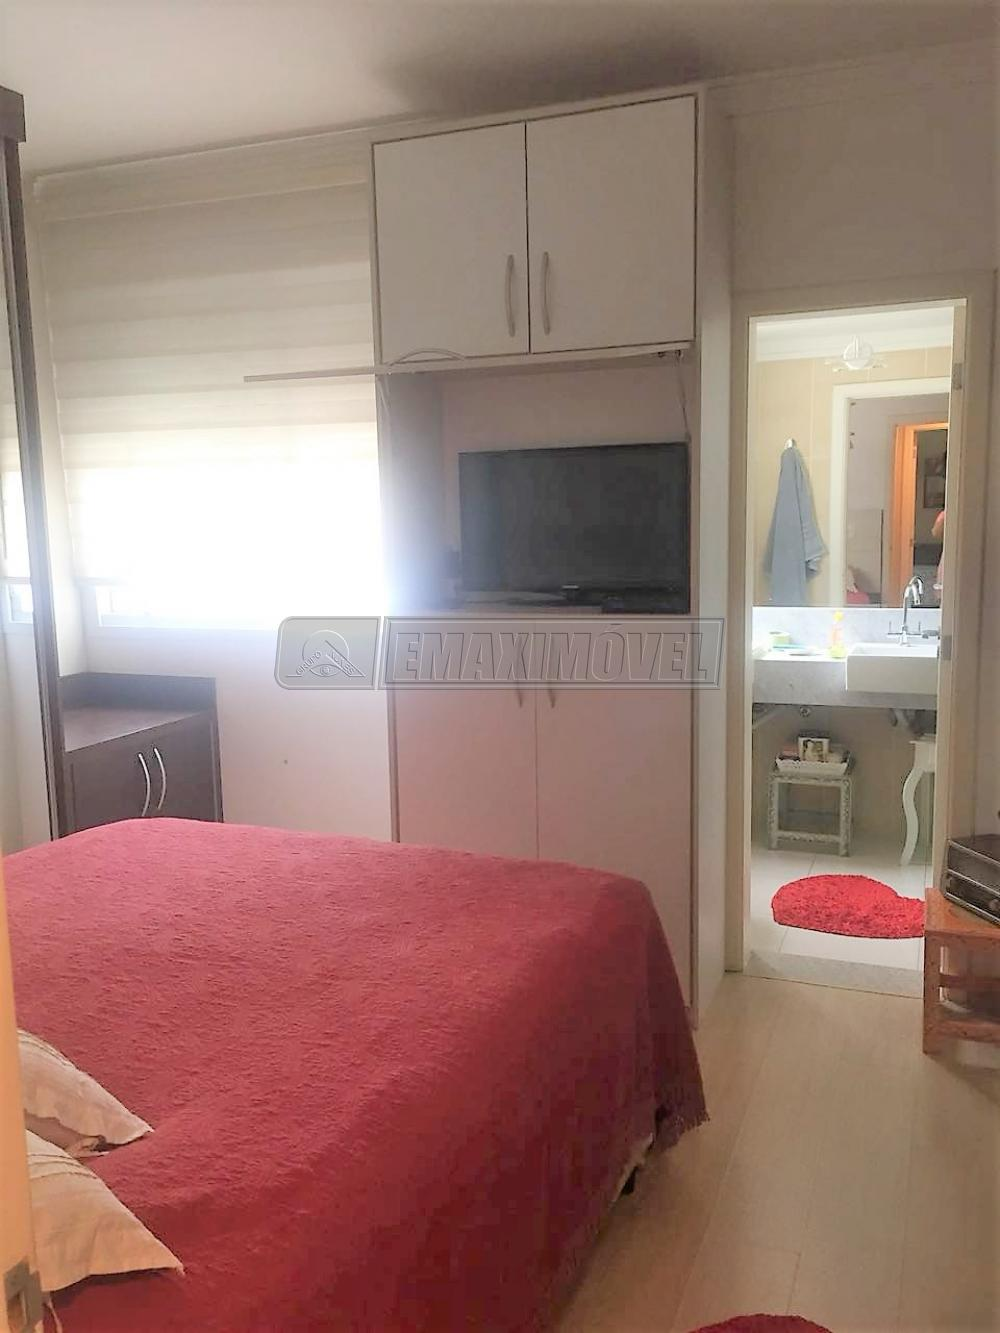 Comprar Apartamentos / Apto Padrão em Sorocaba apenas R$ 740.000,00 - Foto 8